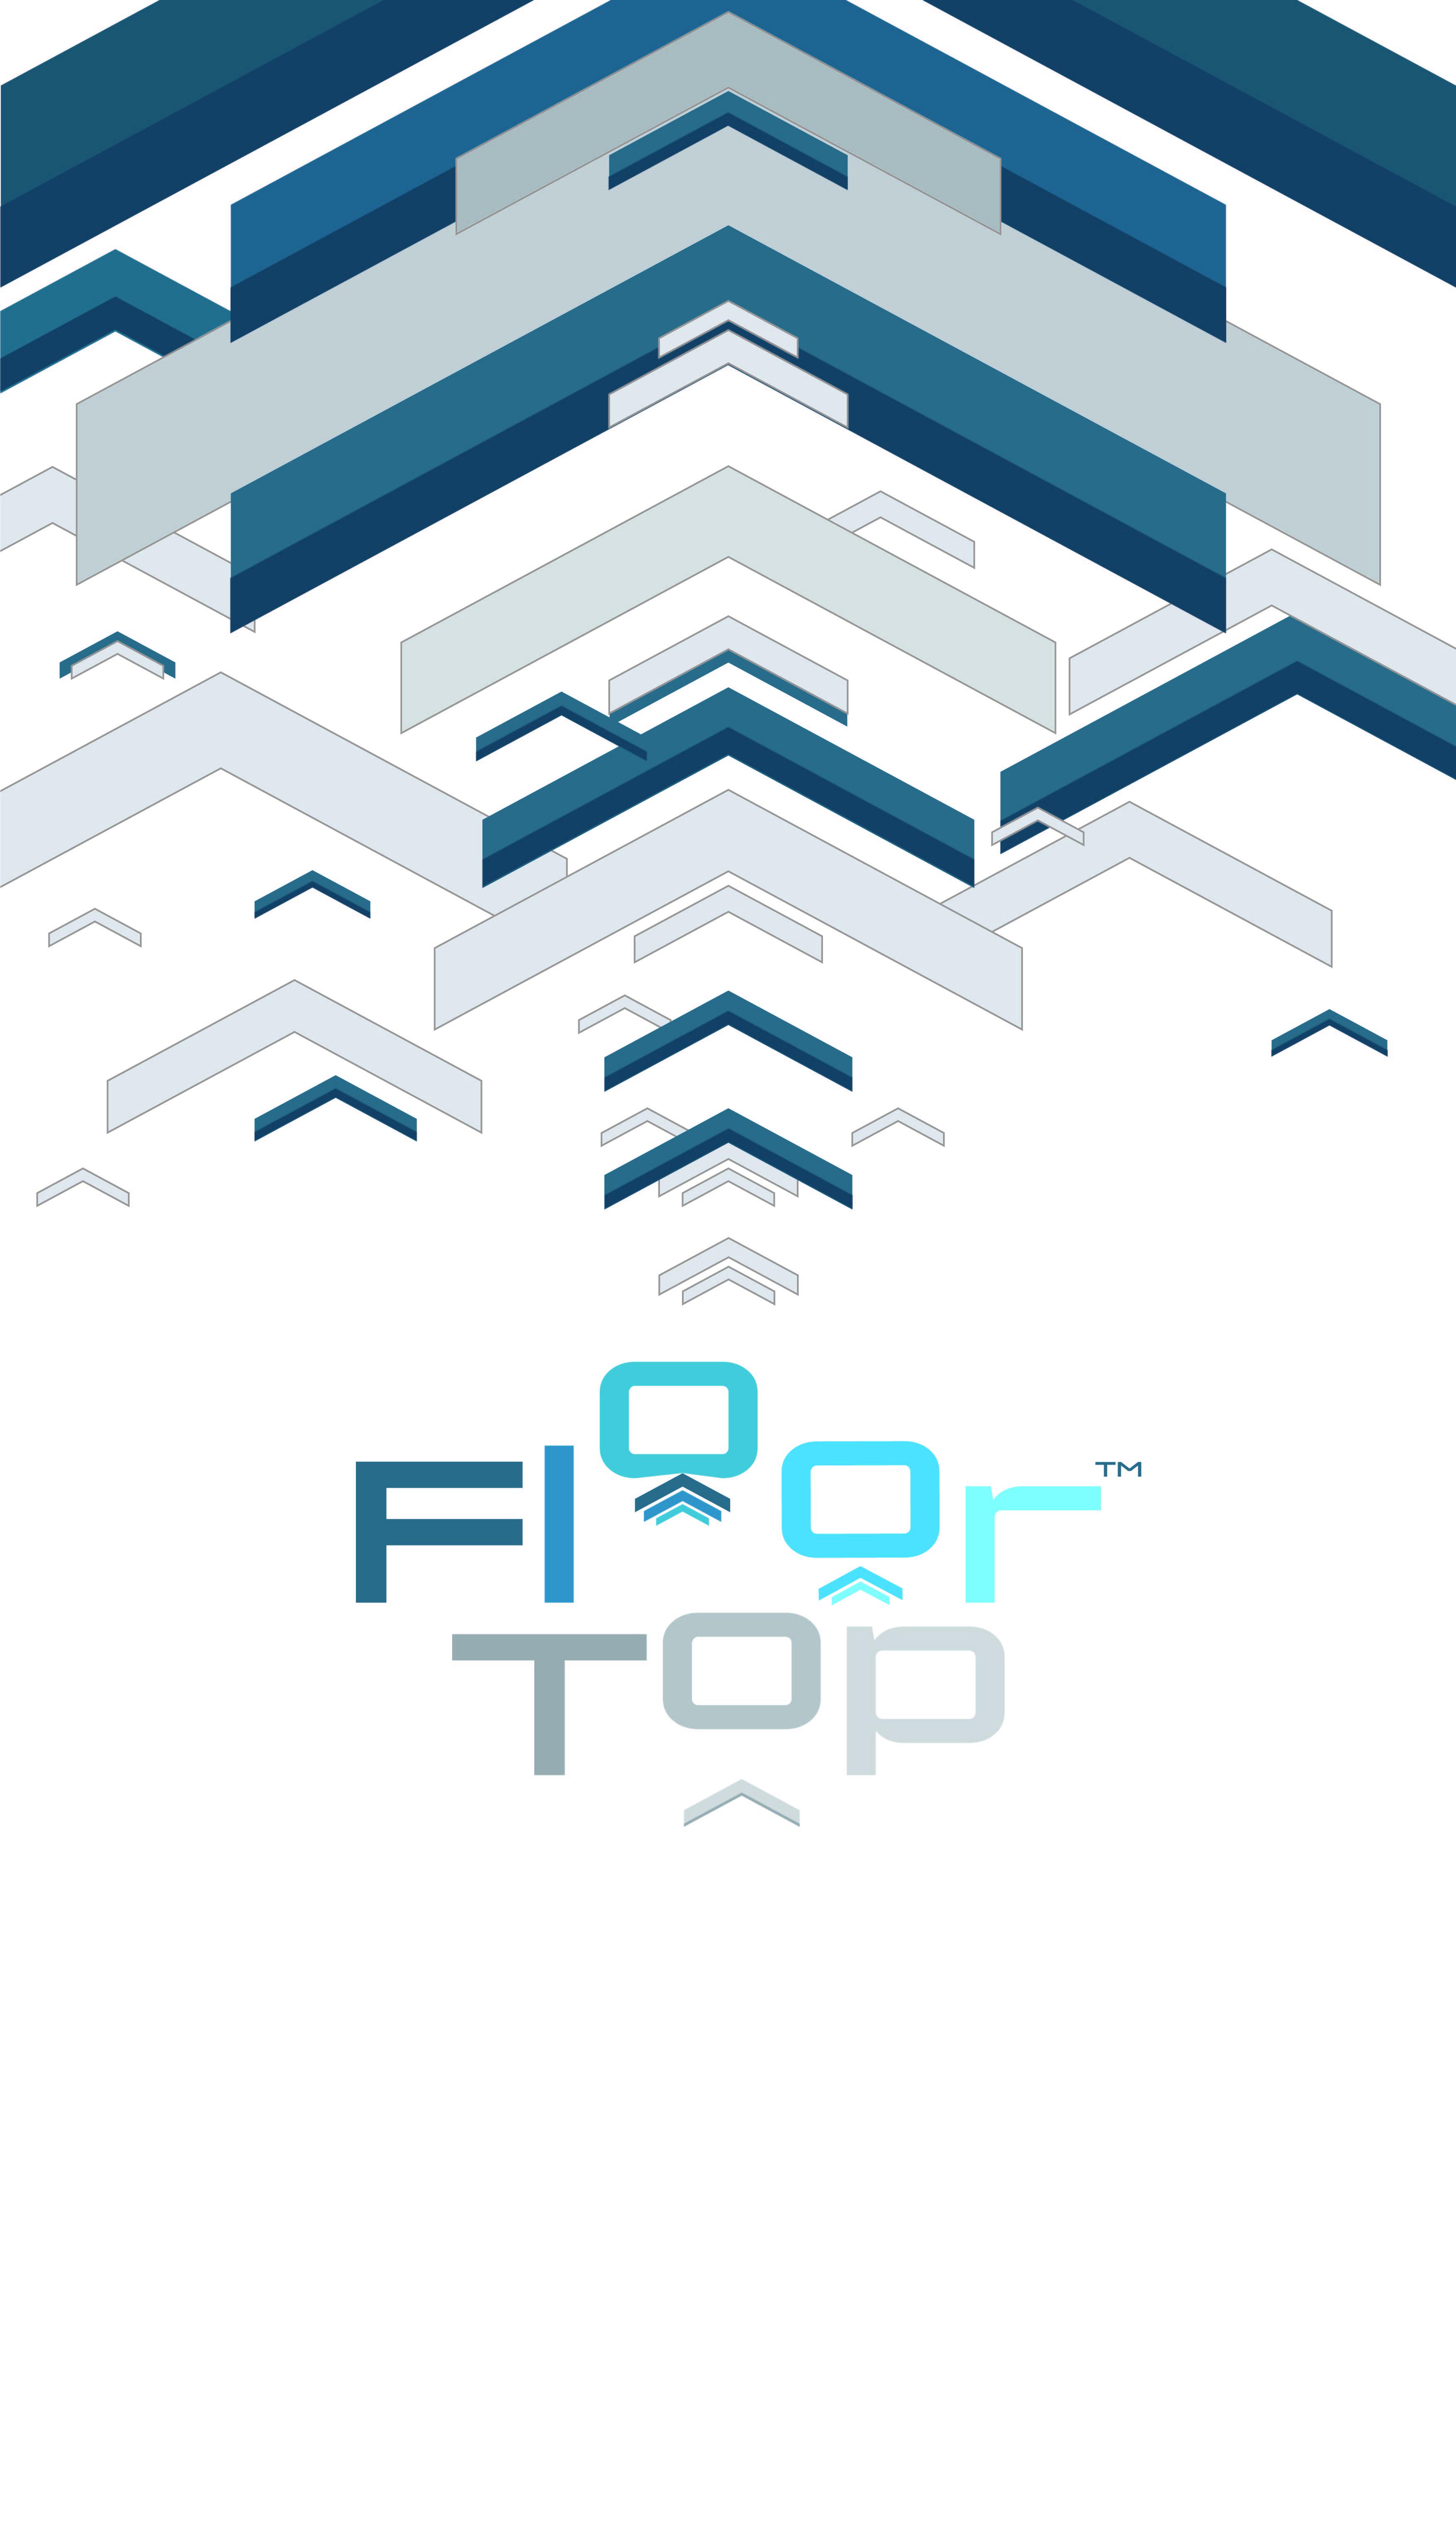 Разработка логотипа и дизайна на упаковку для сухой смеси фото f_3605d284c0f2c129.jpg